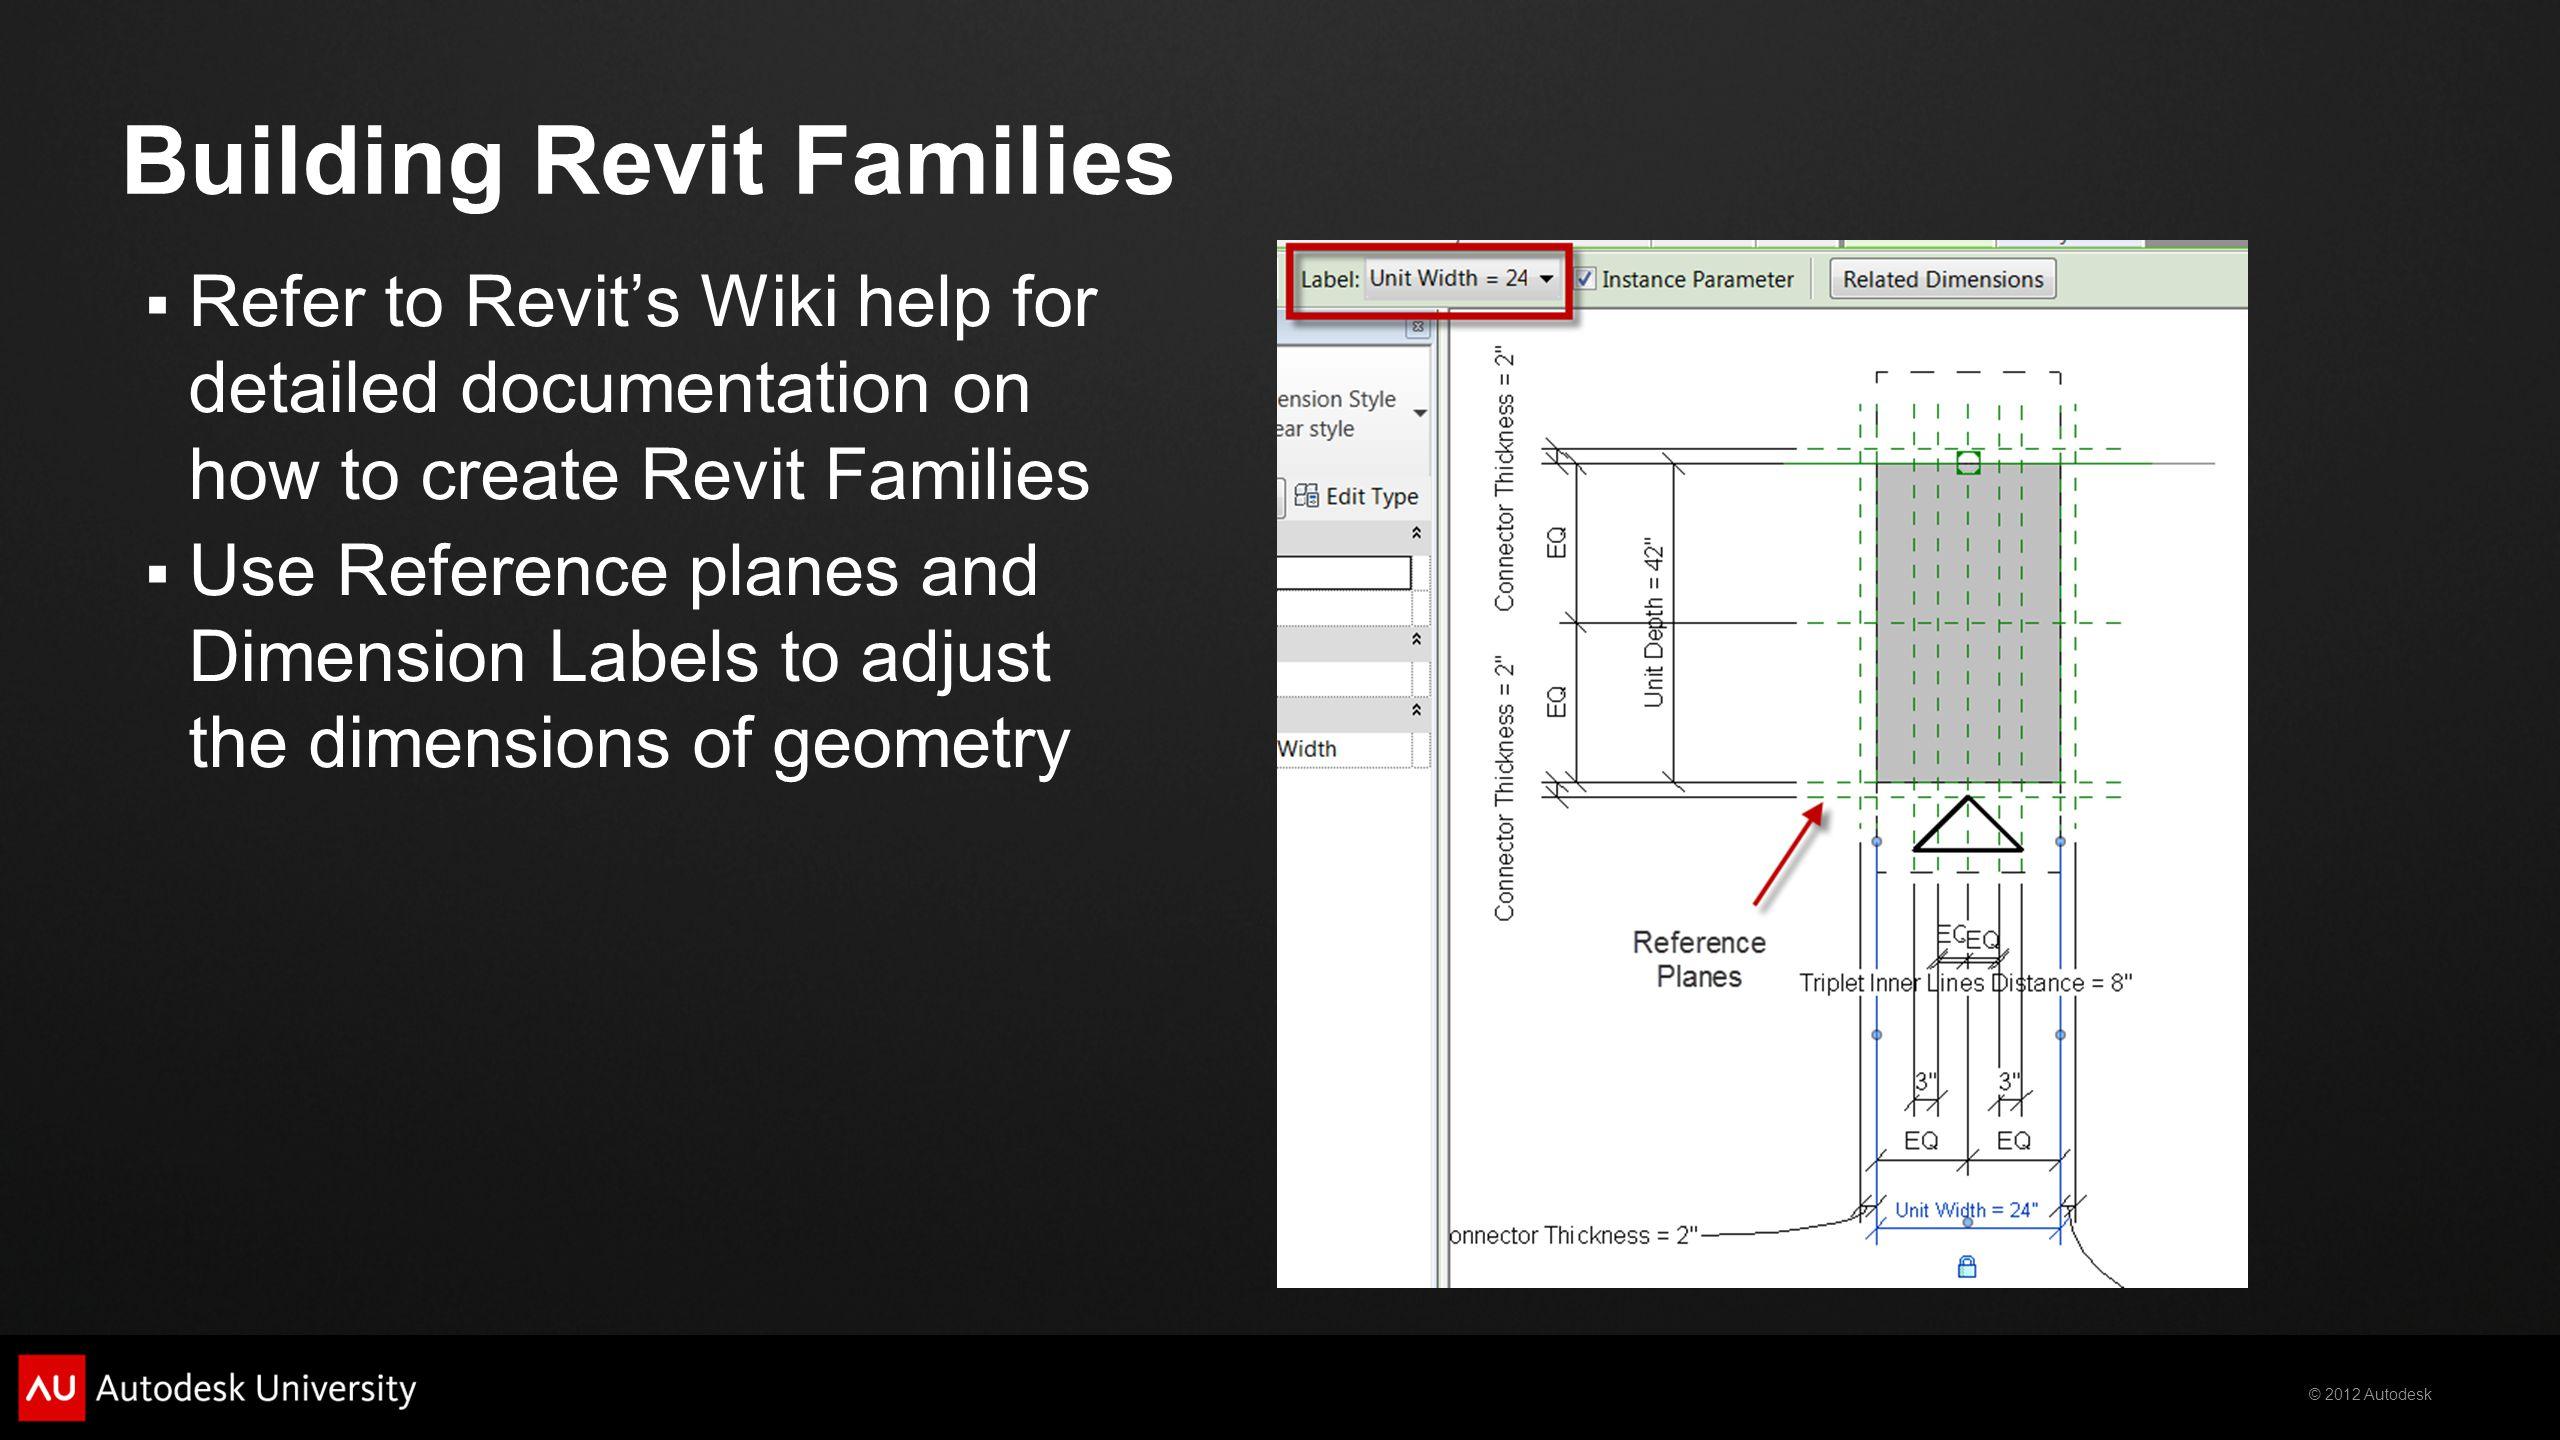 Building Revit Families